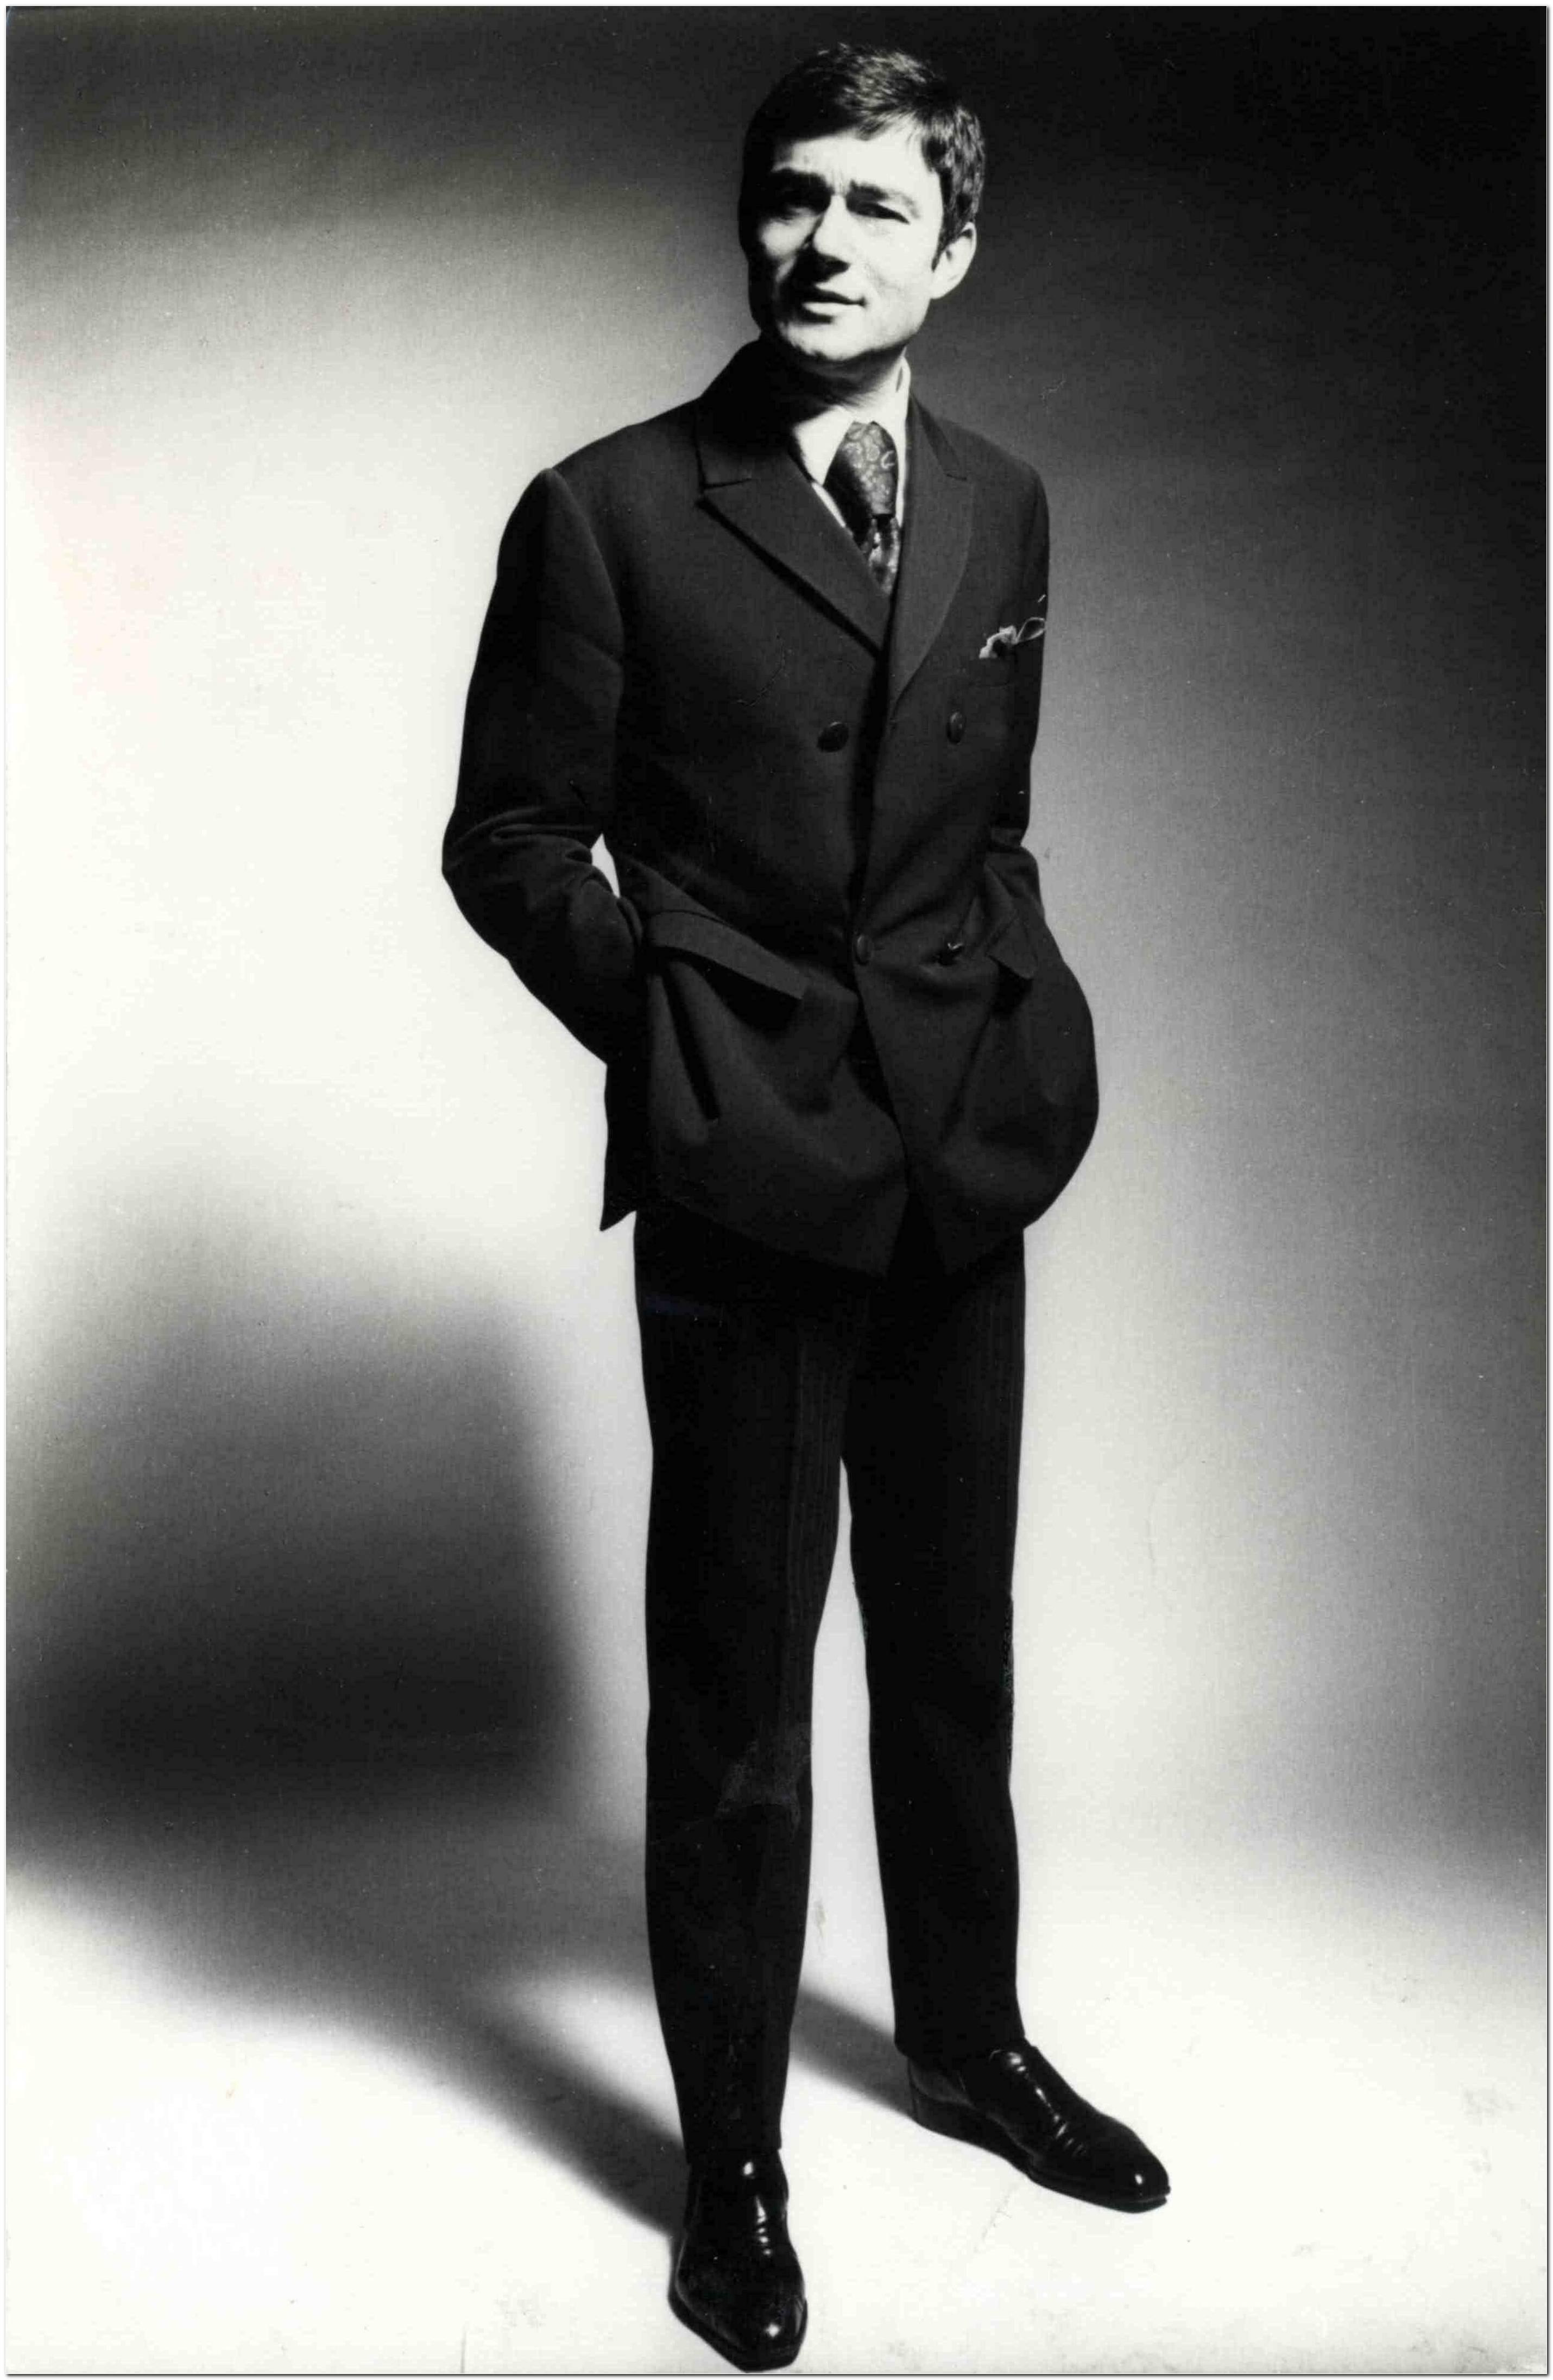 Vidal Sassoon Friseur